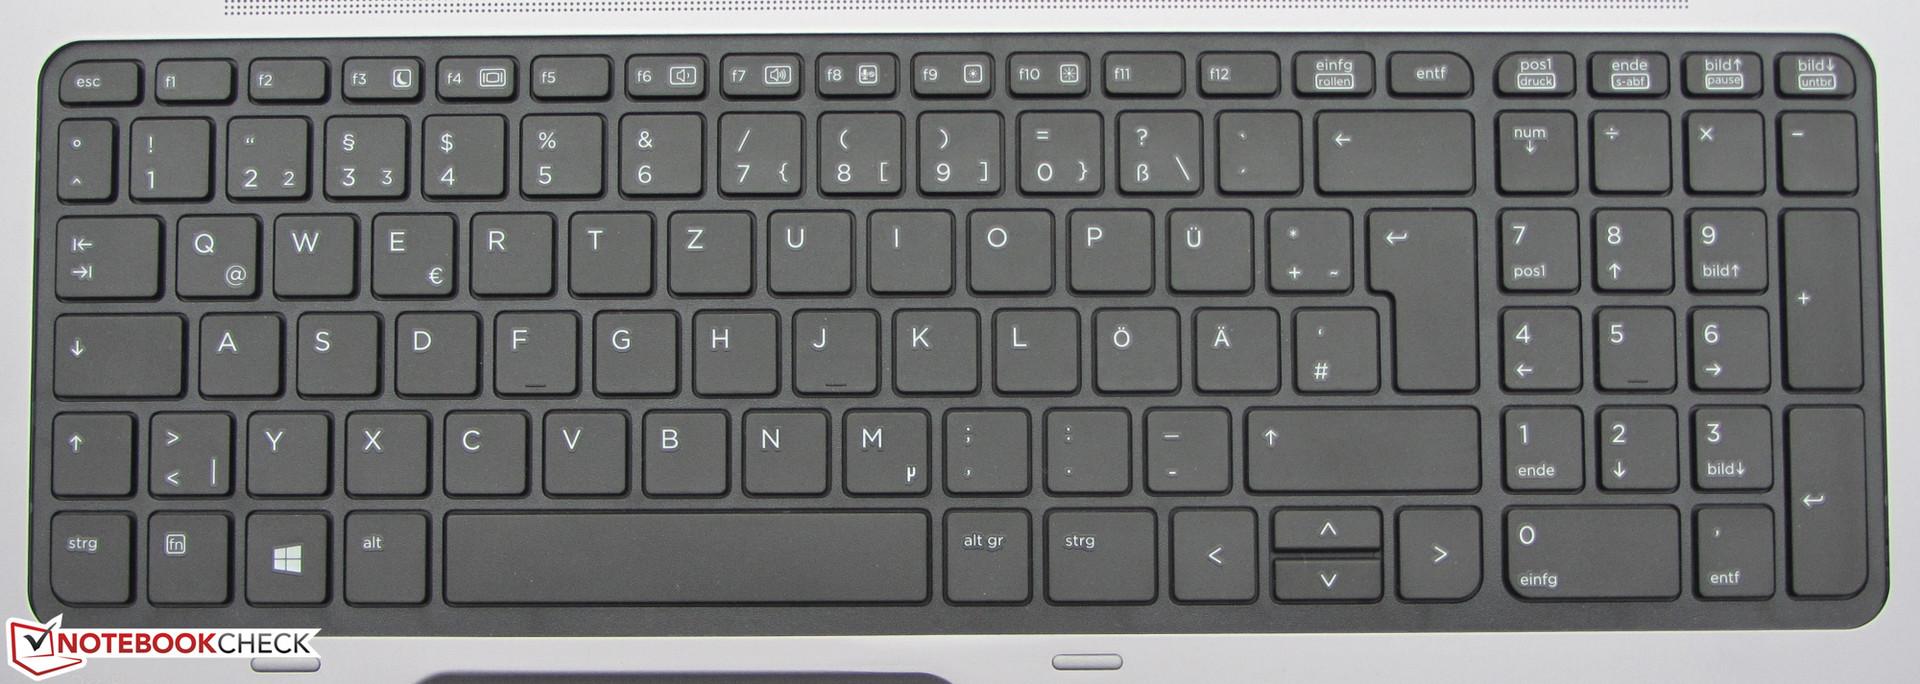 Computer Keyboard Diagram Diagram